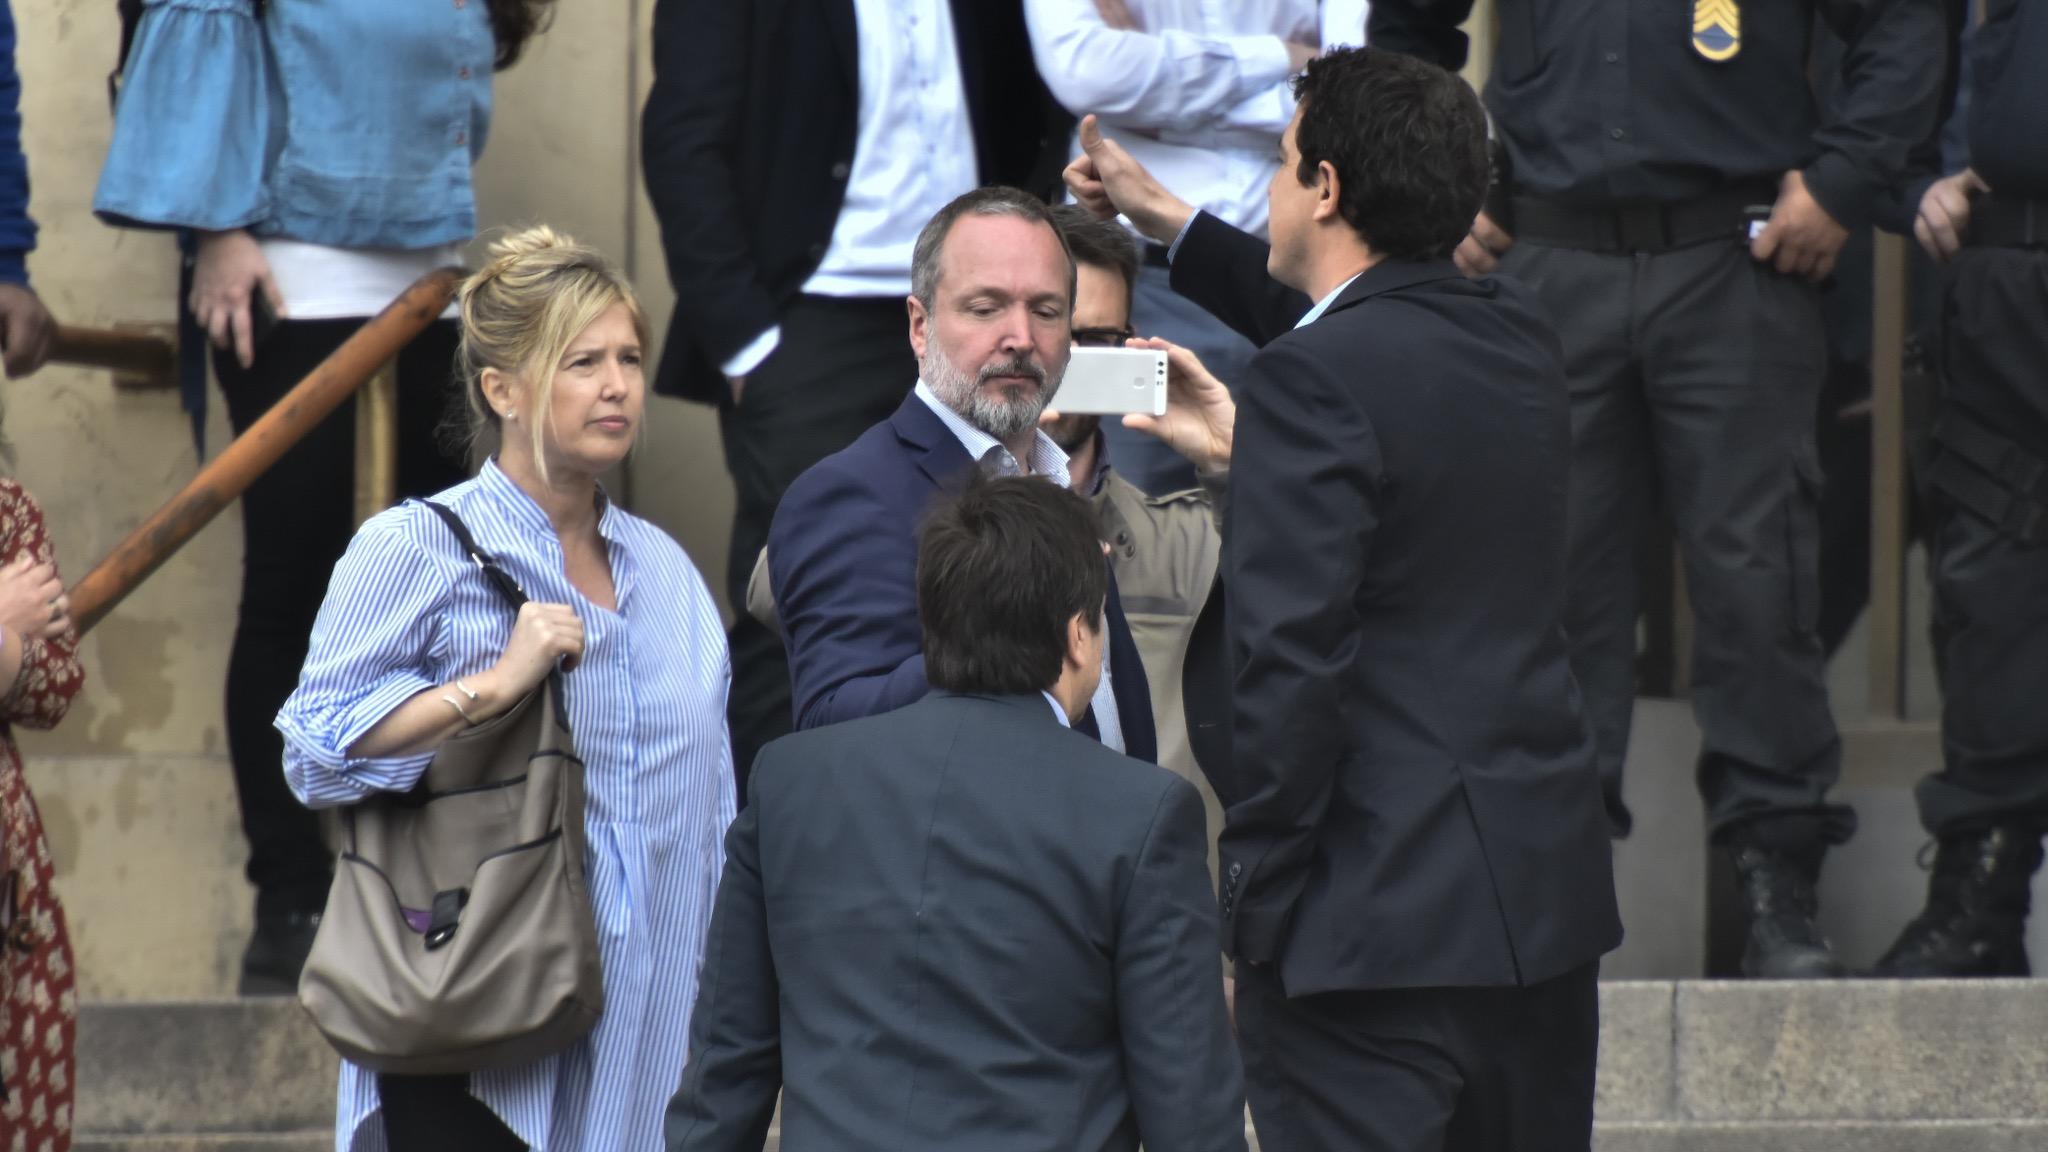 Cristina Álvarez Rodríguez, Martín Sabbatella y Eduardo Wado de Pedro (con el pulgar en el alto) en el ingreso principal de los tribunales de Comodoro Py